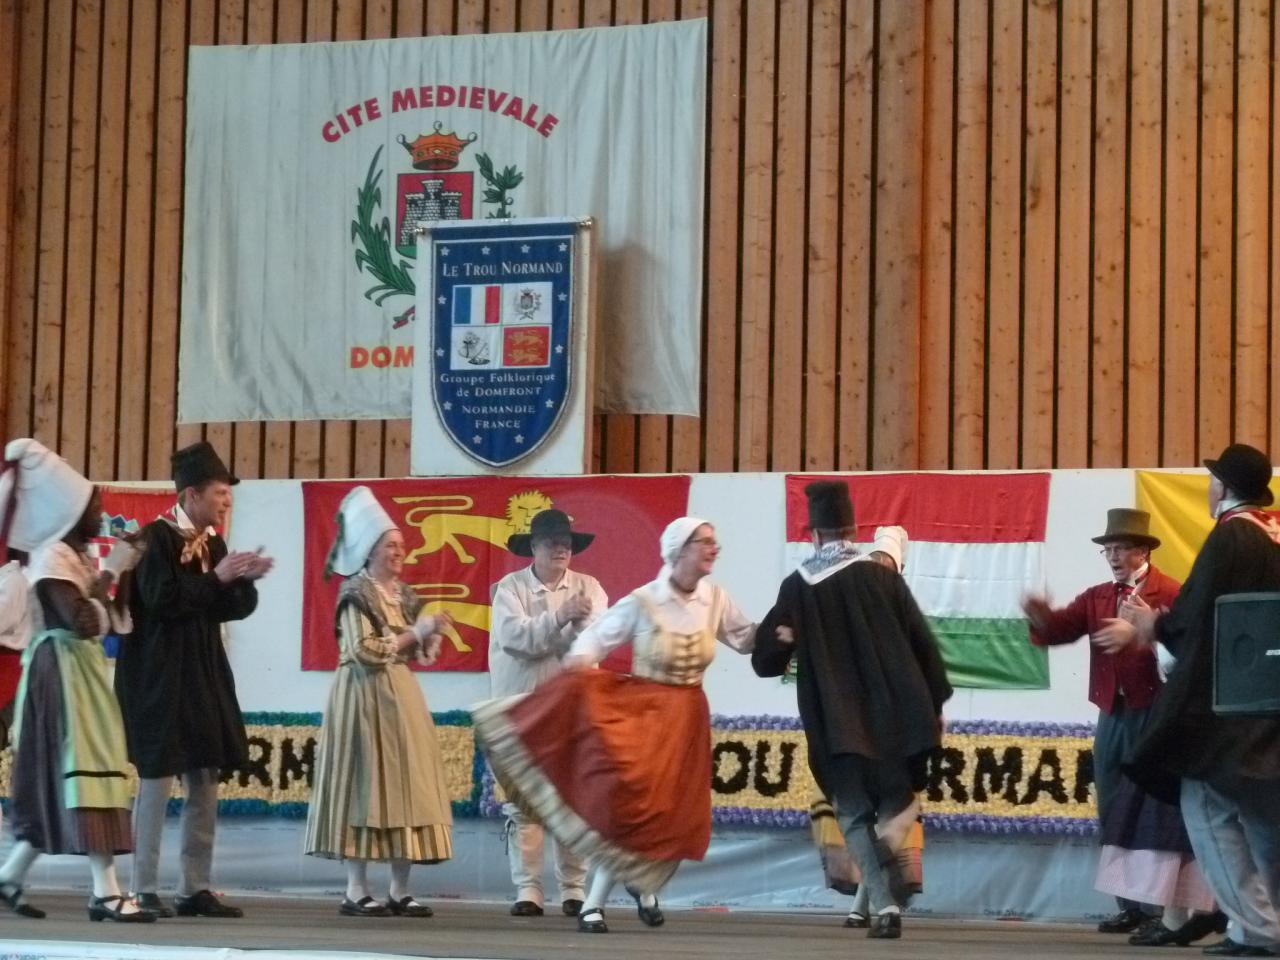 Festival à Domfront - Le Trou Normand7